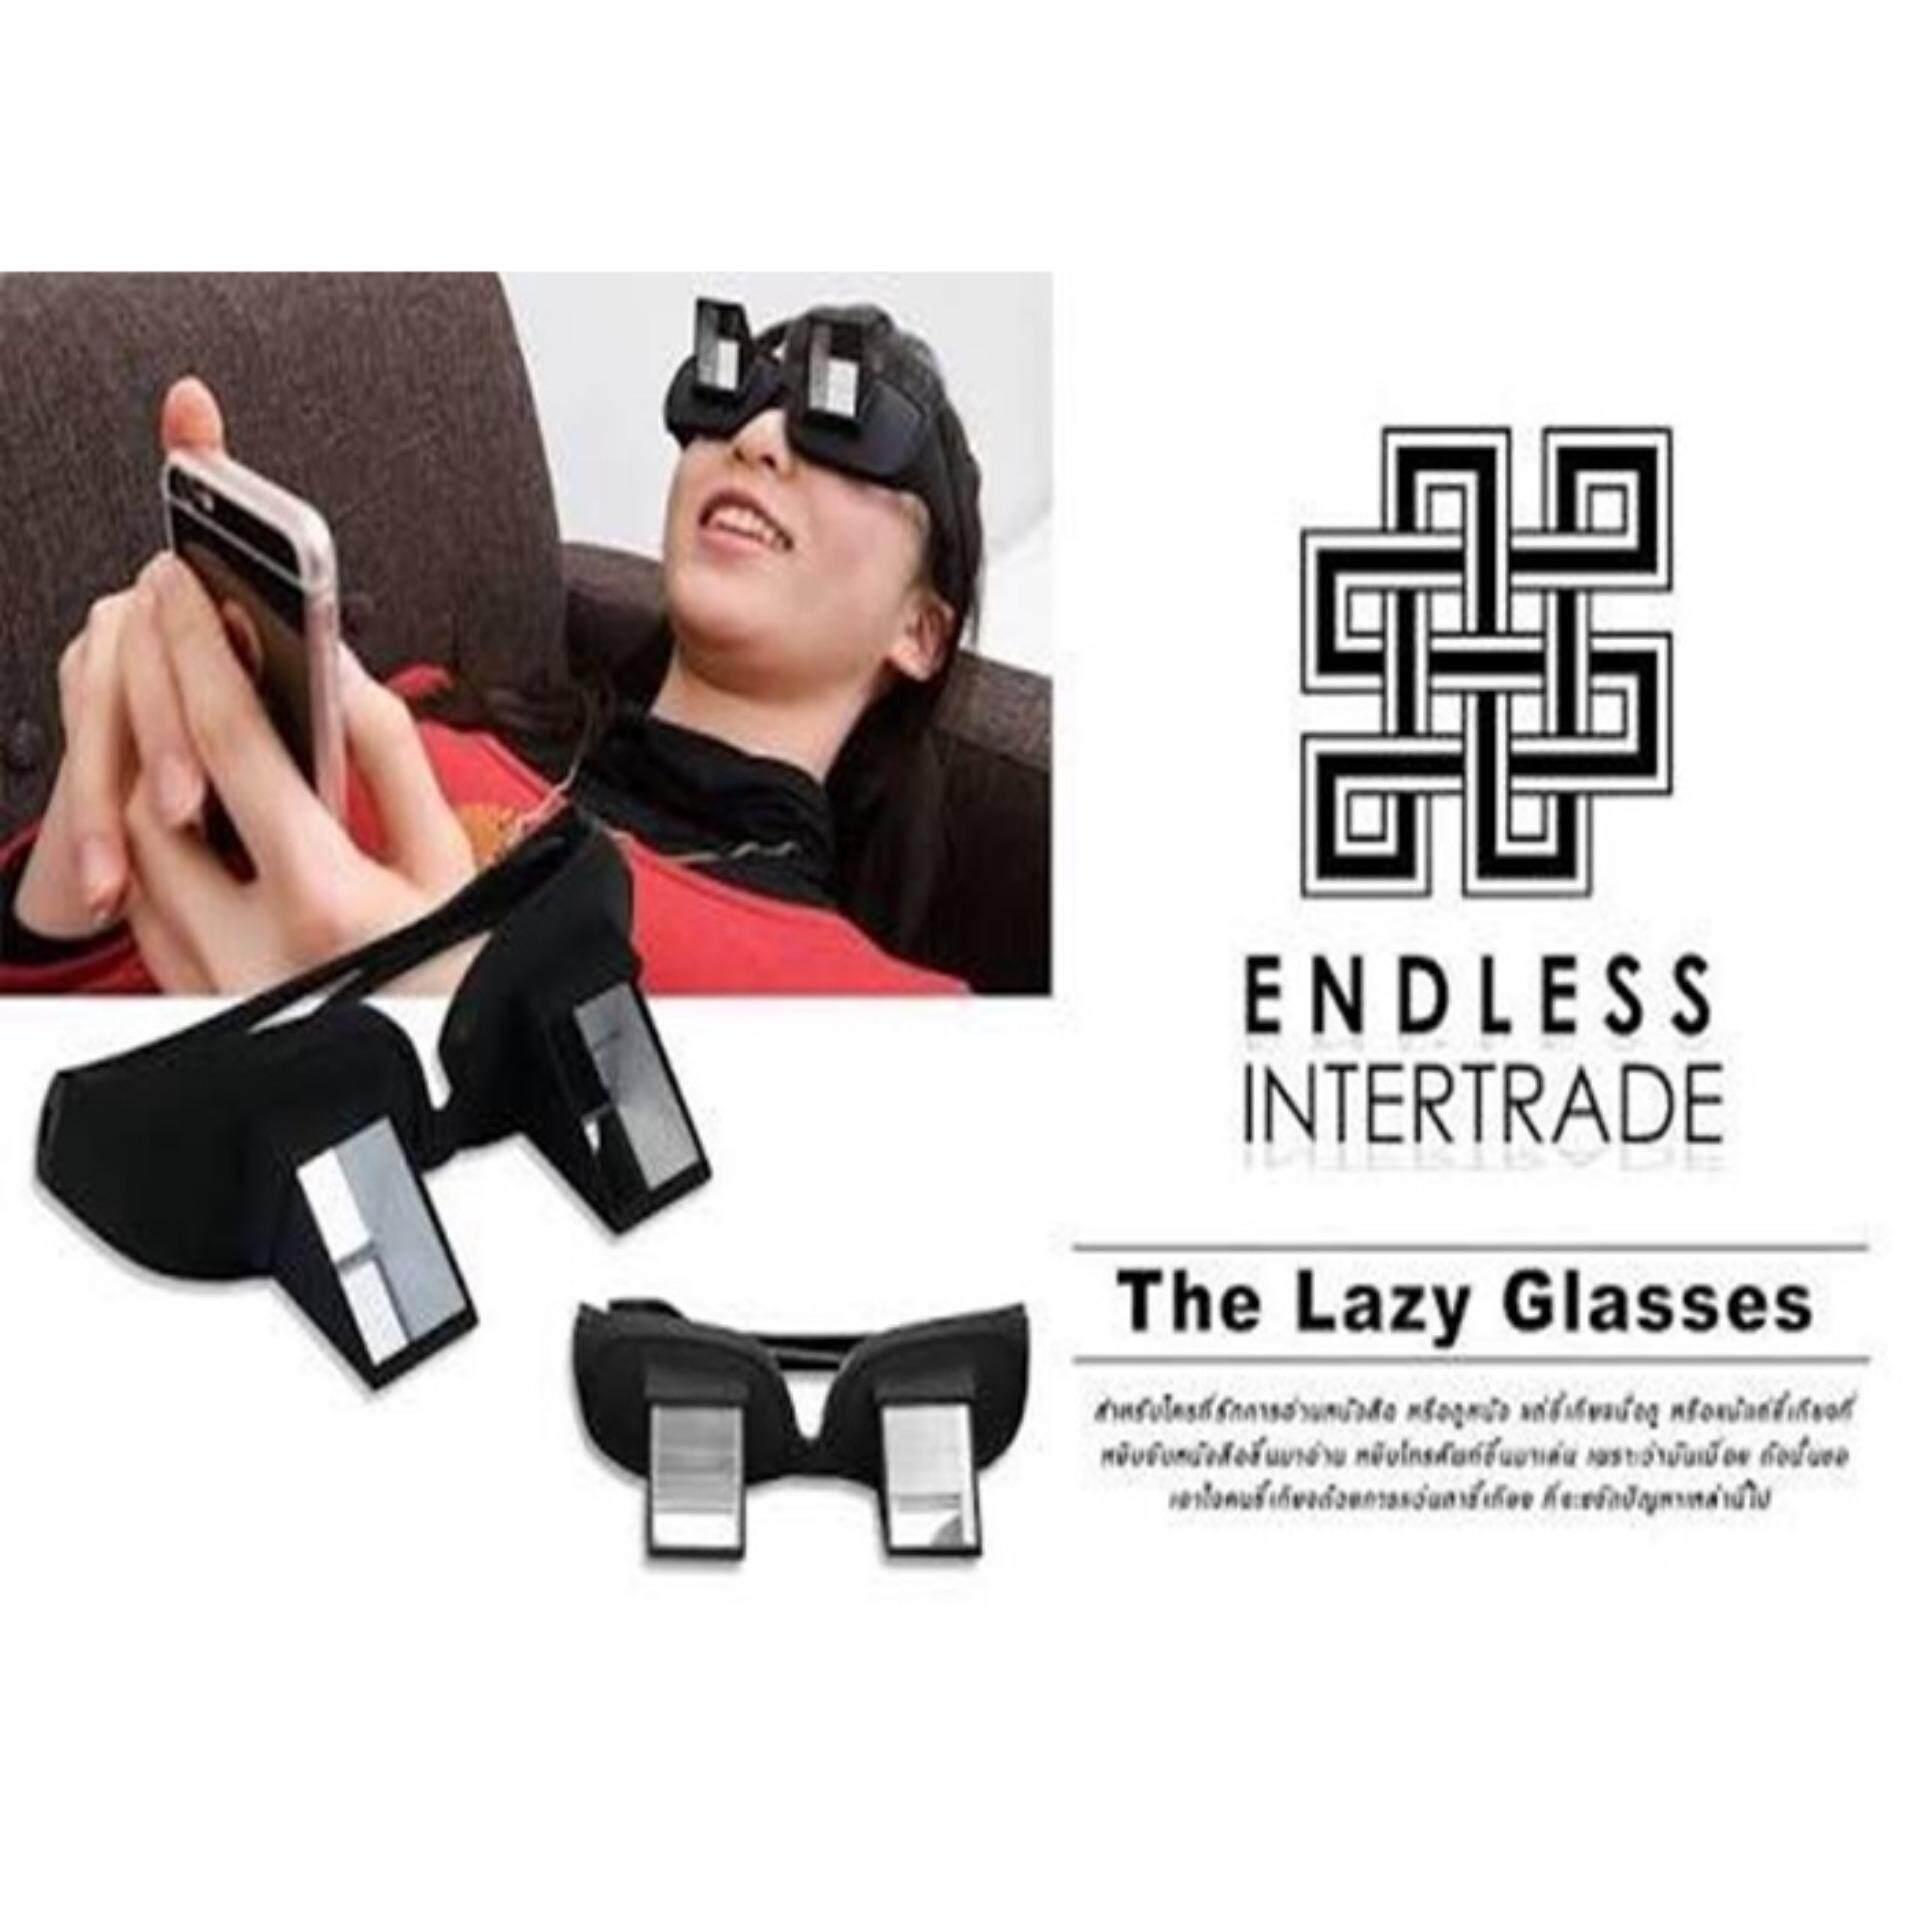 ขายดีมาก! แว่นตา Periscope อ่านหนังสือ ดูทีวี สำหรับคนขี้เกียจ ส่งฟรี Kerry